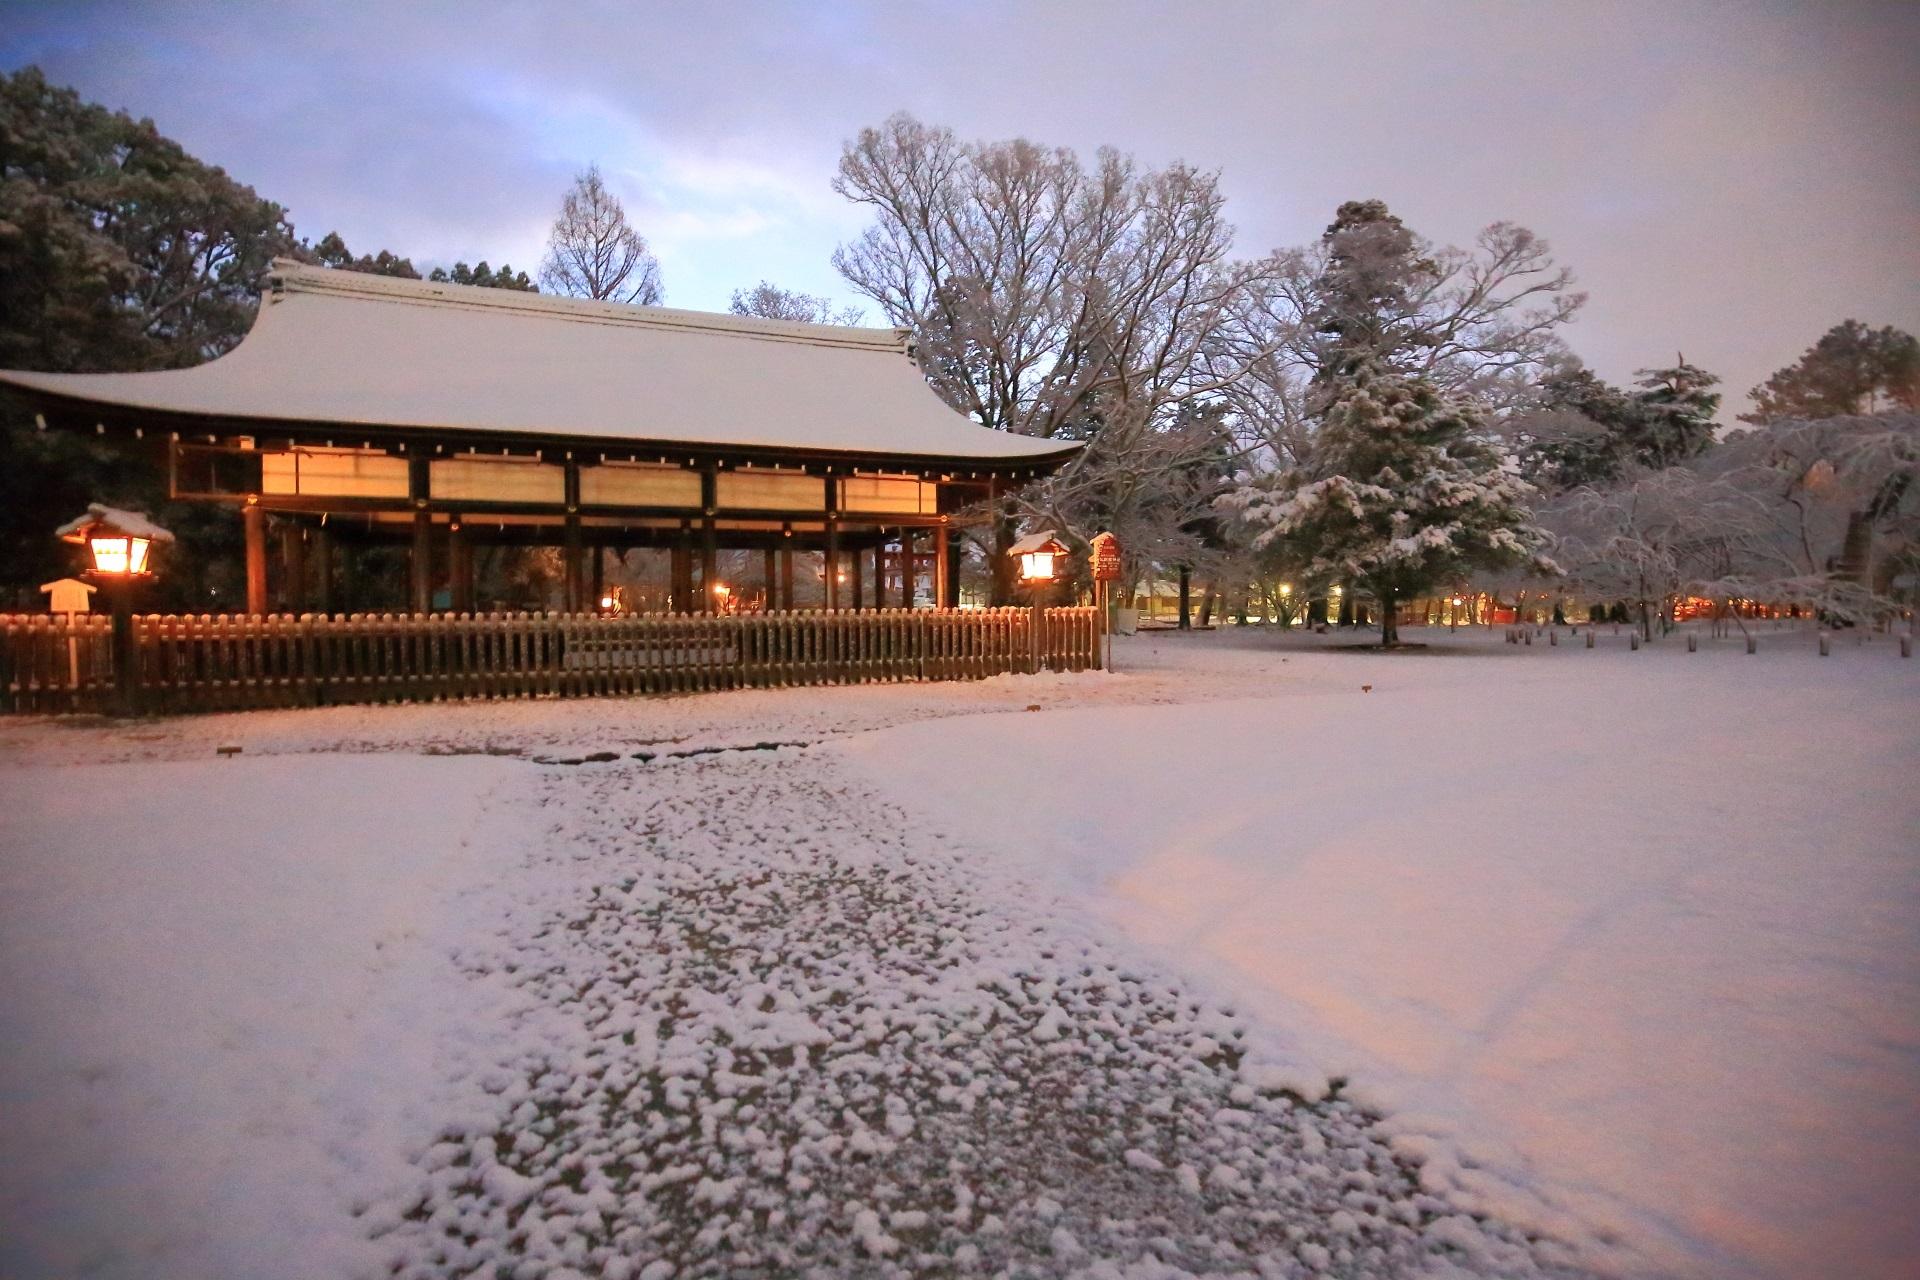 上賀茂神社の御所舎付近の雪景色